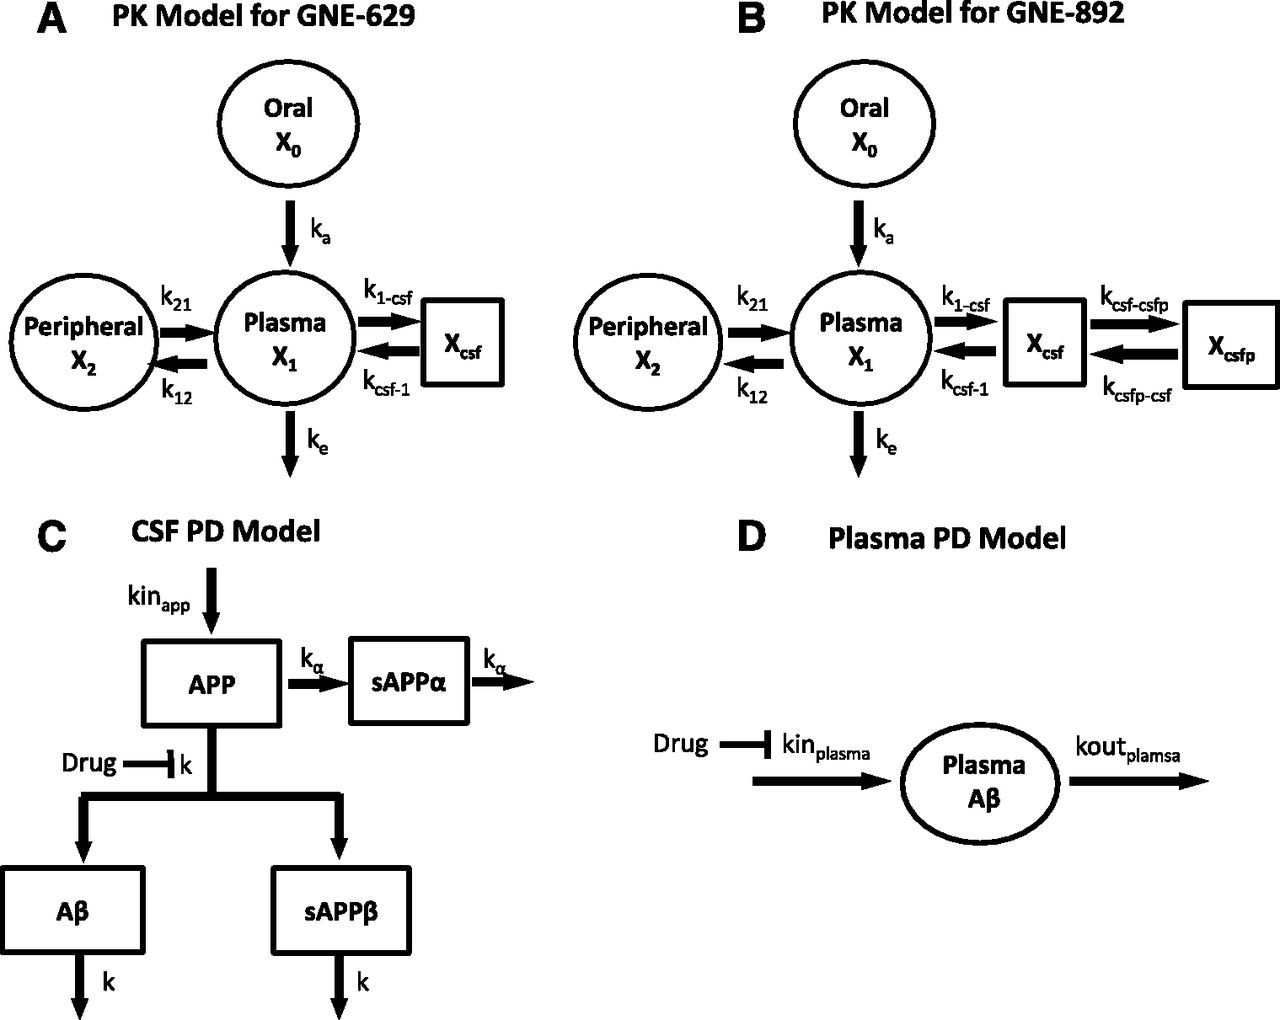 Mechanistic Pharmacokinetic-Pharmacodynamic Modeling of